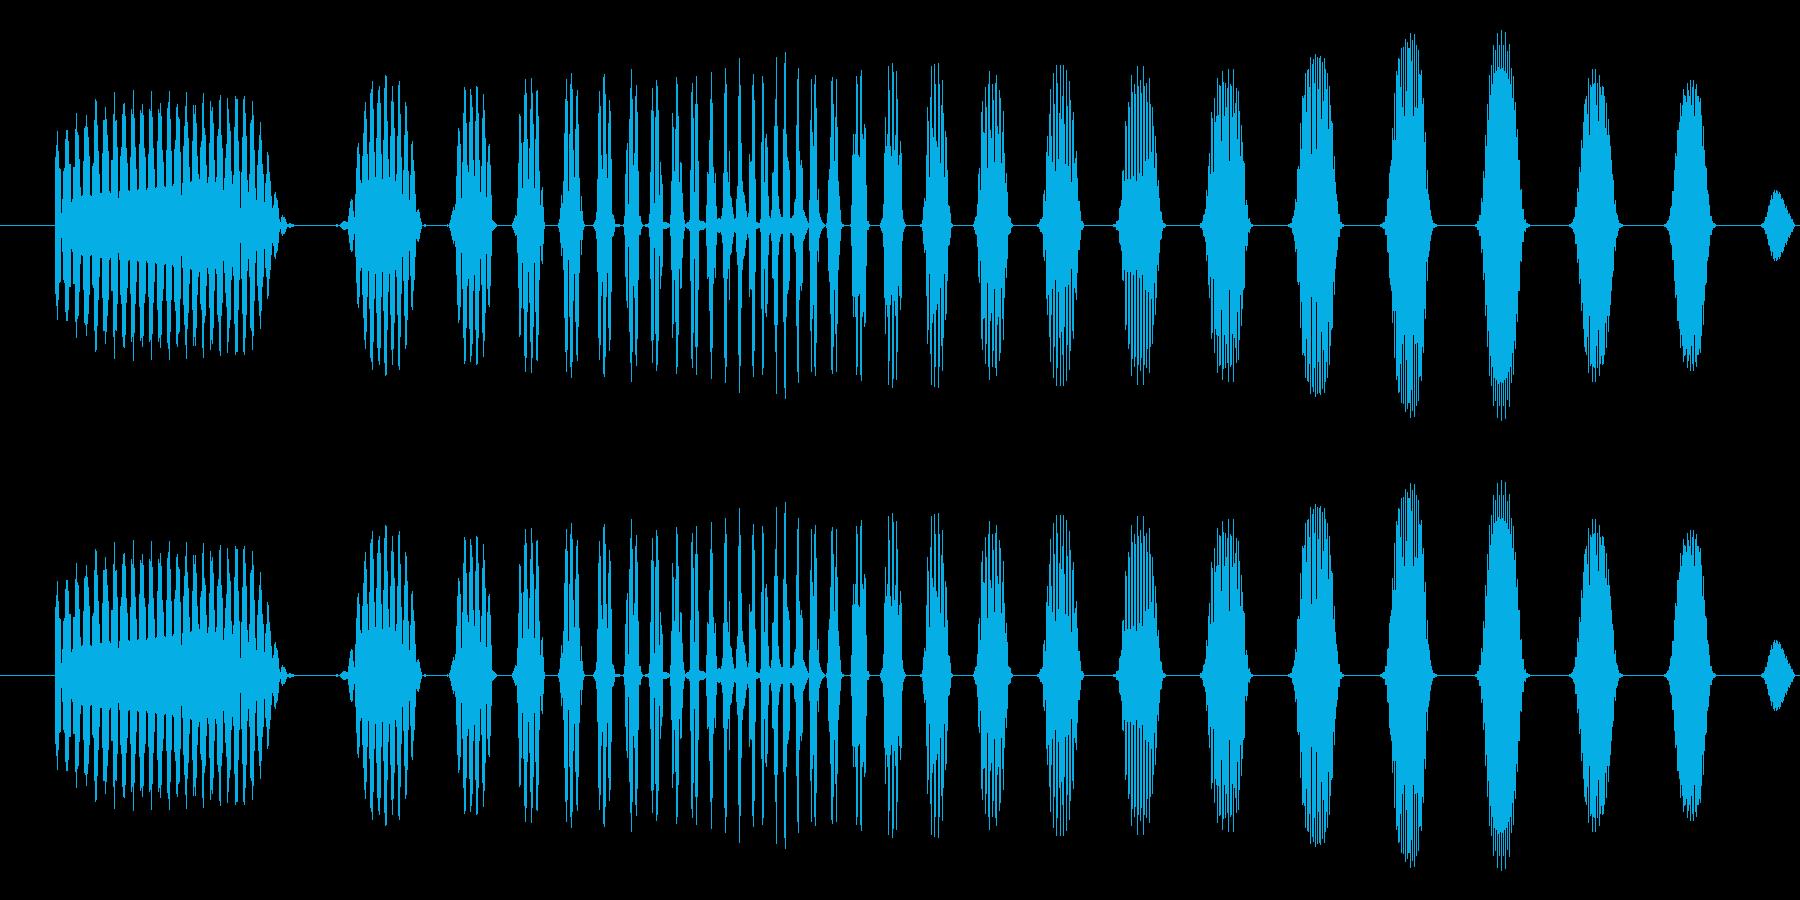 何かを放つような機械音です。の再生済みの波形